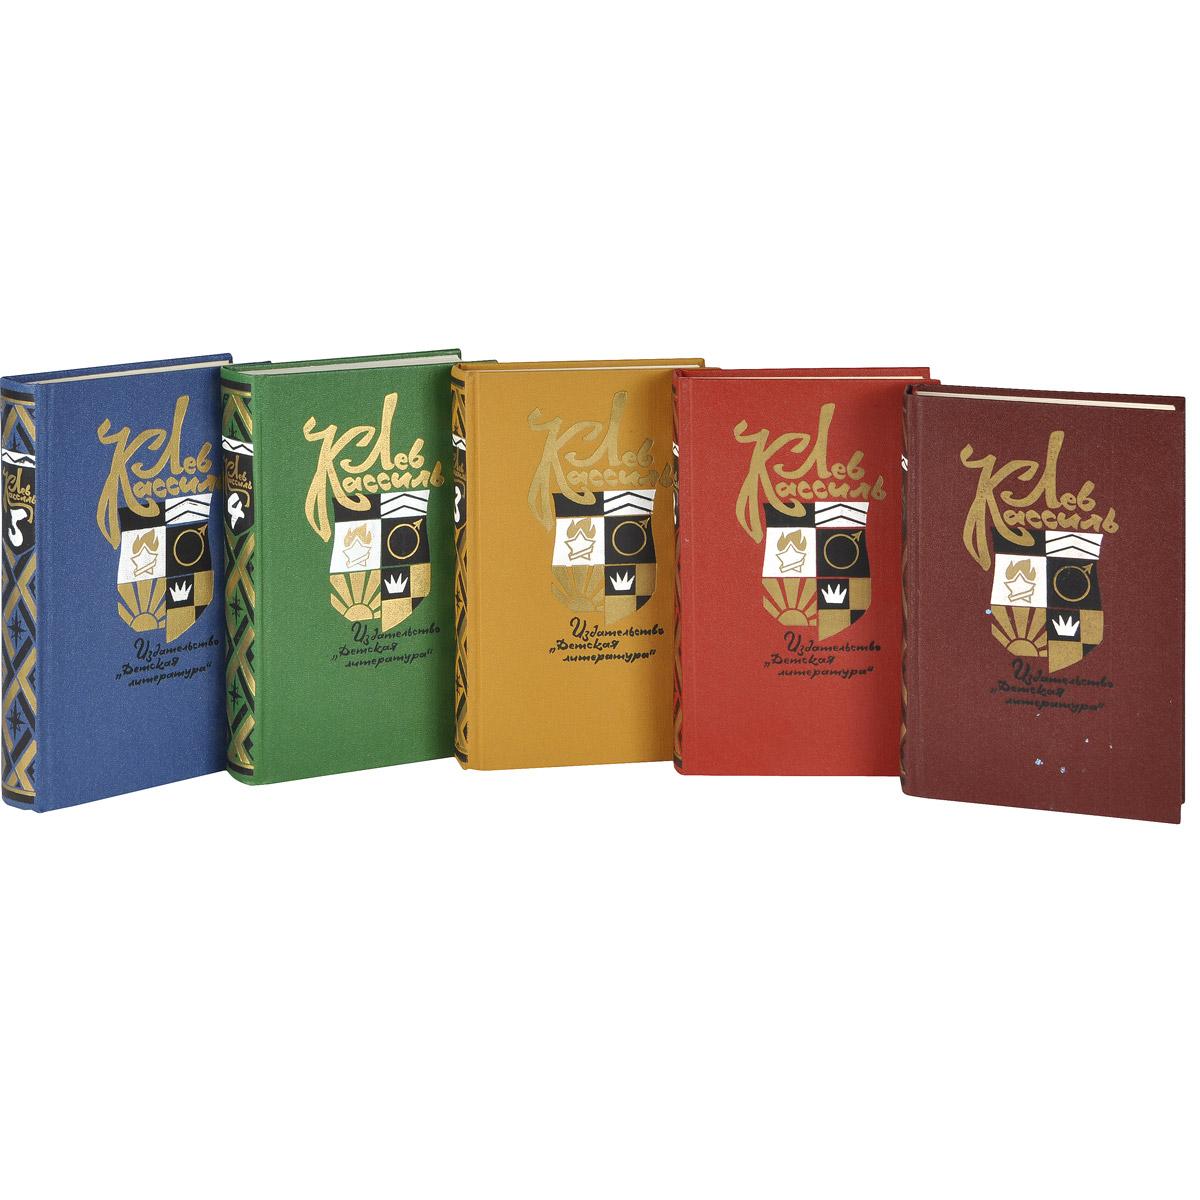 Лев Кассиль. Собрание сочинений (комплект из 5 книг)